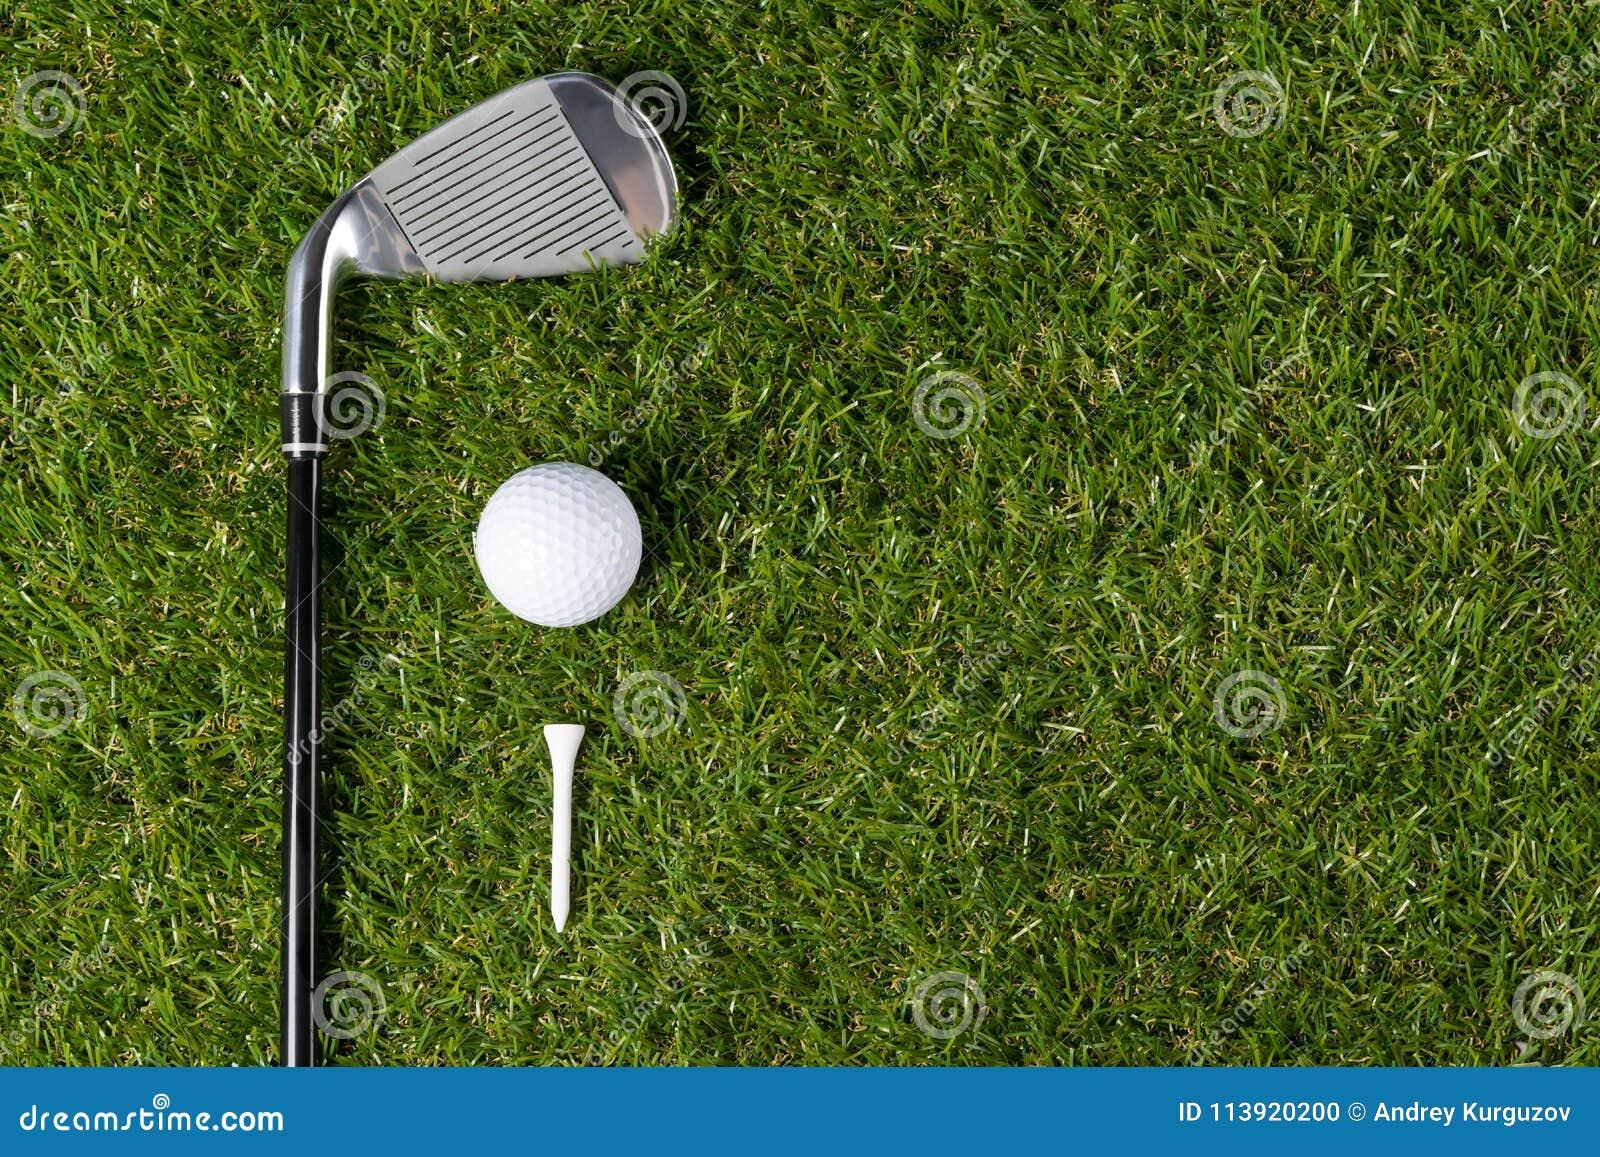 La boule de golf avec la pièce en t et le putter en bois se trouve dans la perspective de l herbe